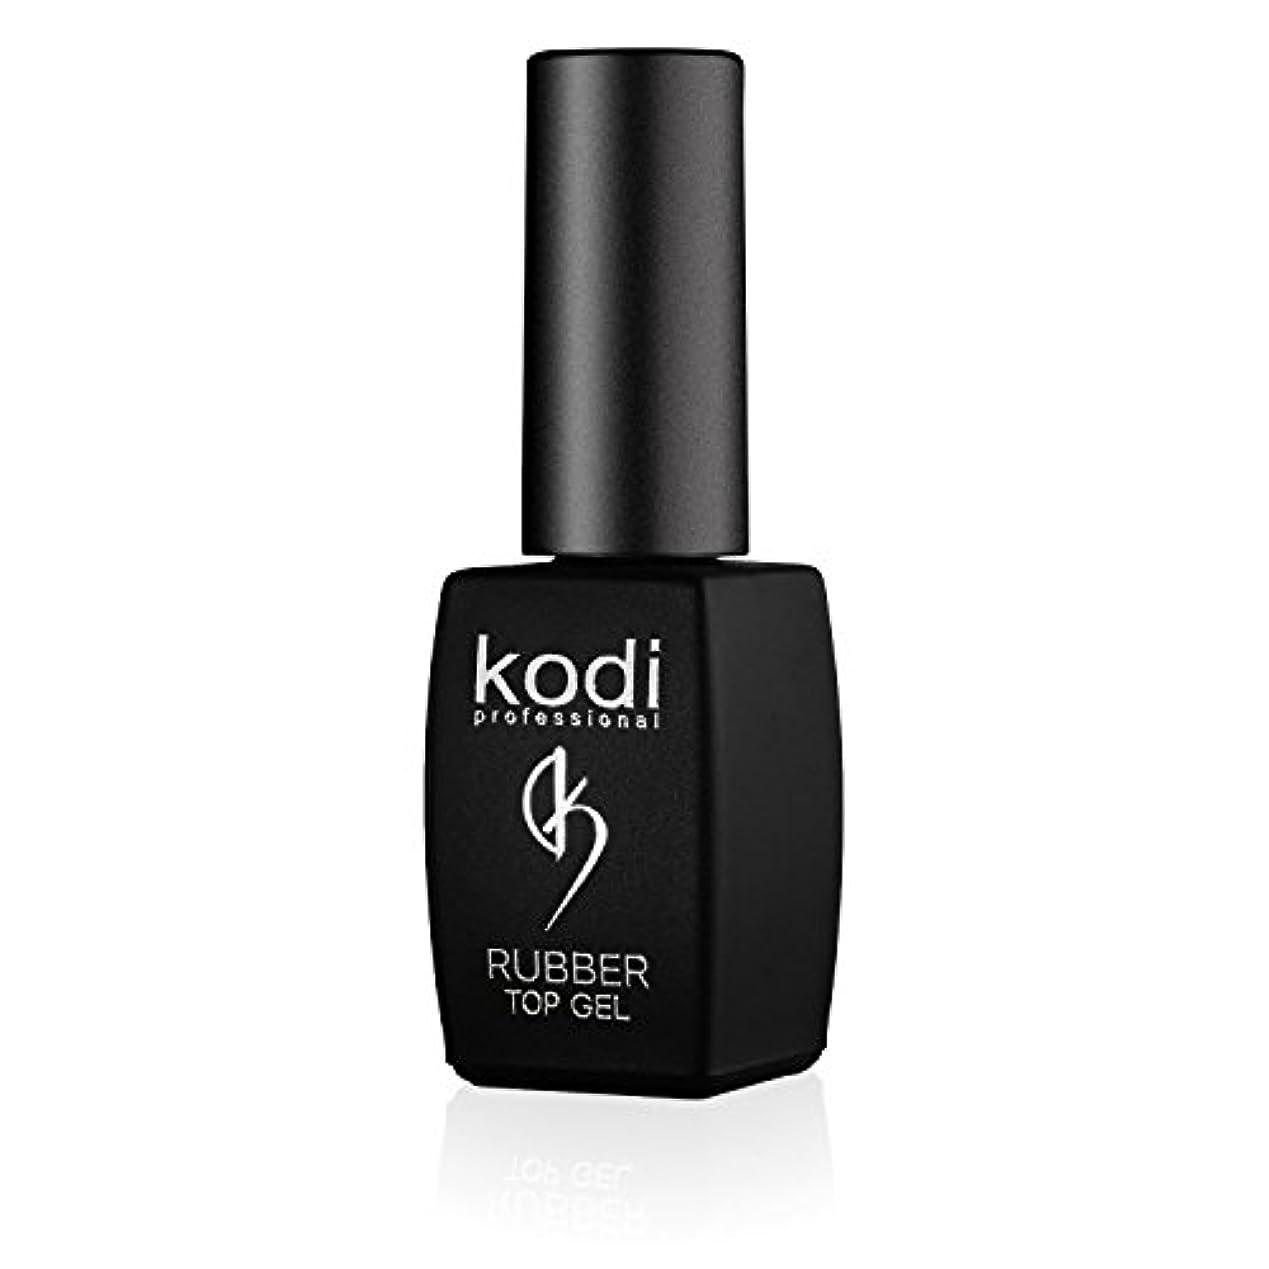 女優エレガント行商人Professional Rubber Top Gel By Kodi | 8ml 0.27 oz | Soak Off, Polish Fingernails Coat Kit | For Long Lasting Nails...